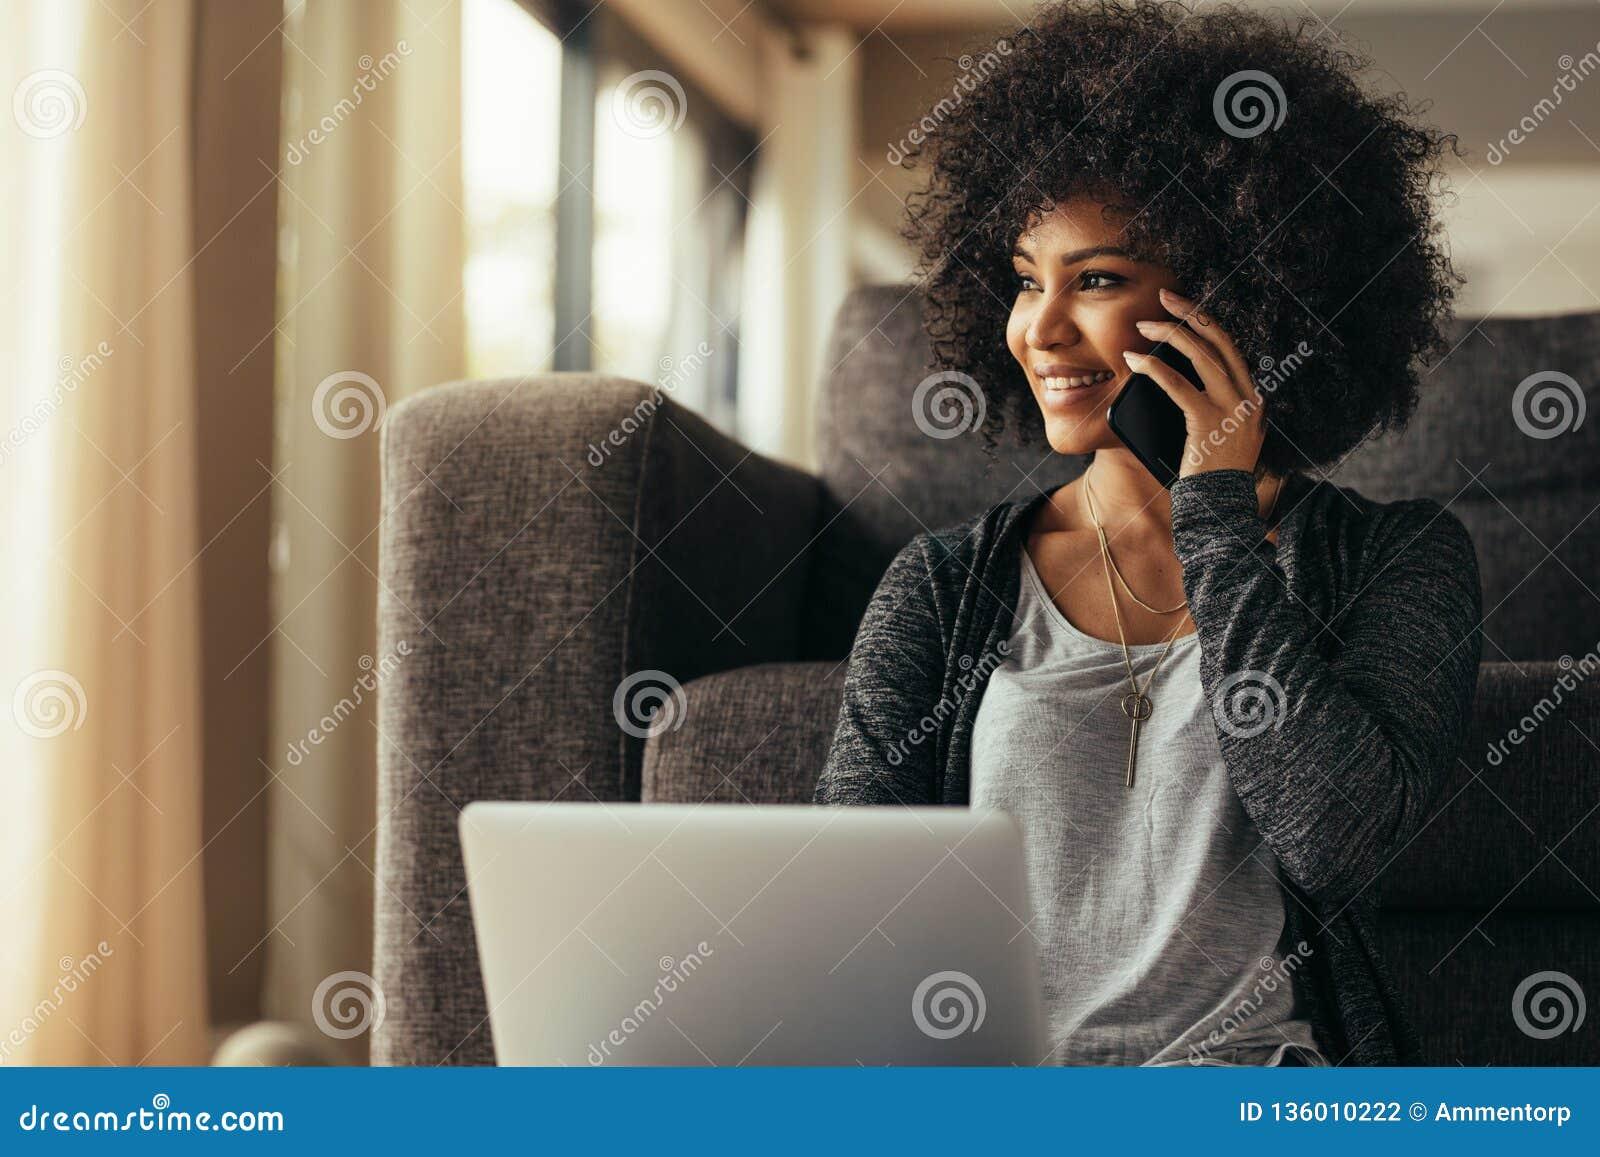 Красивая женщина дома с ноутбуком и говорить на сотовом телефоне